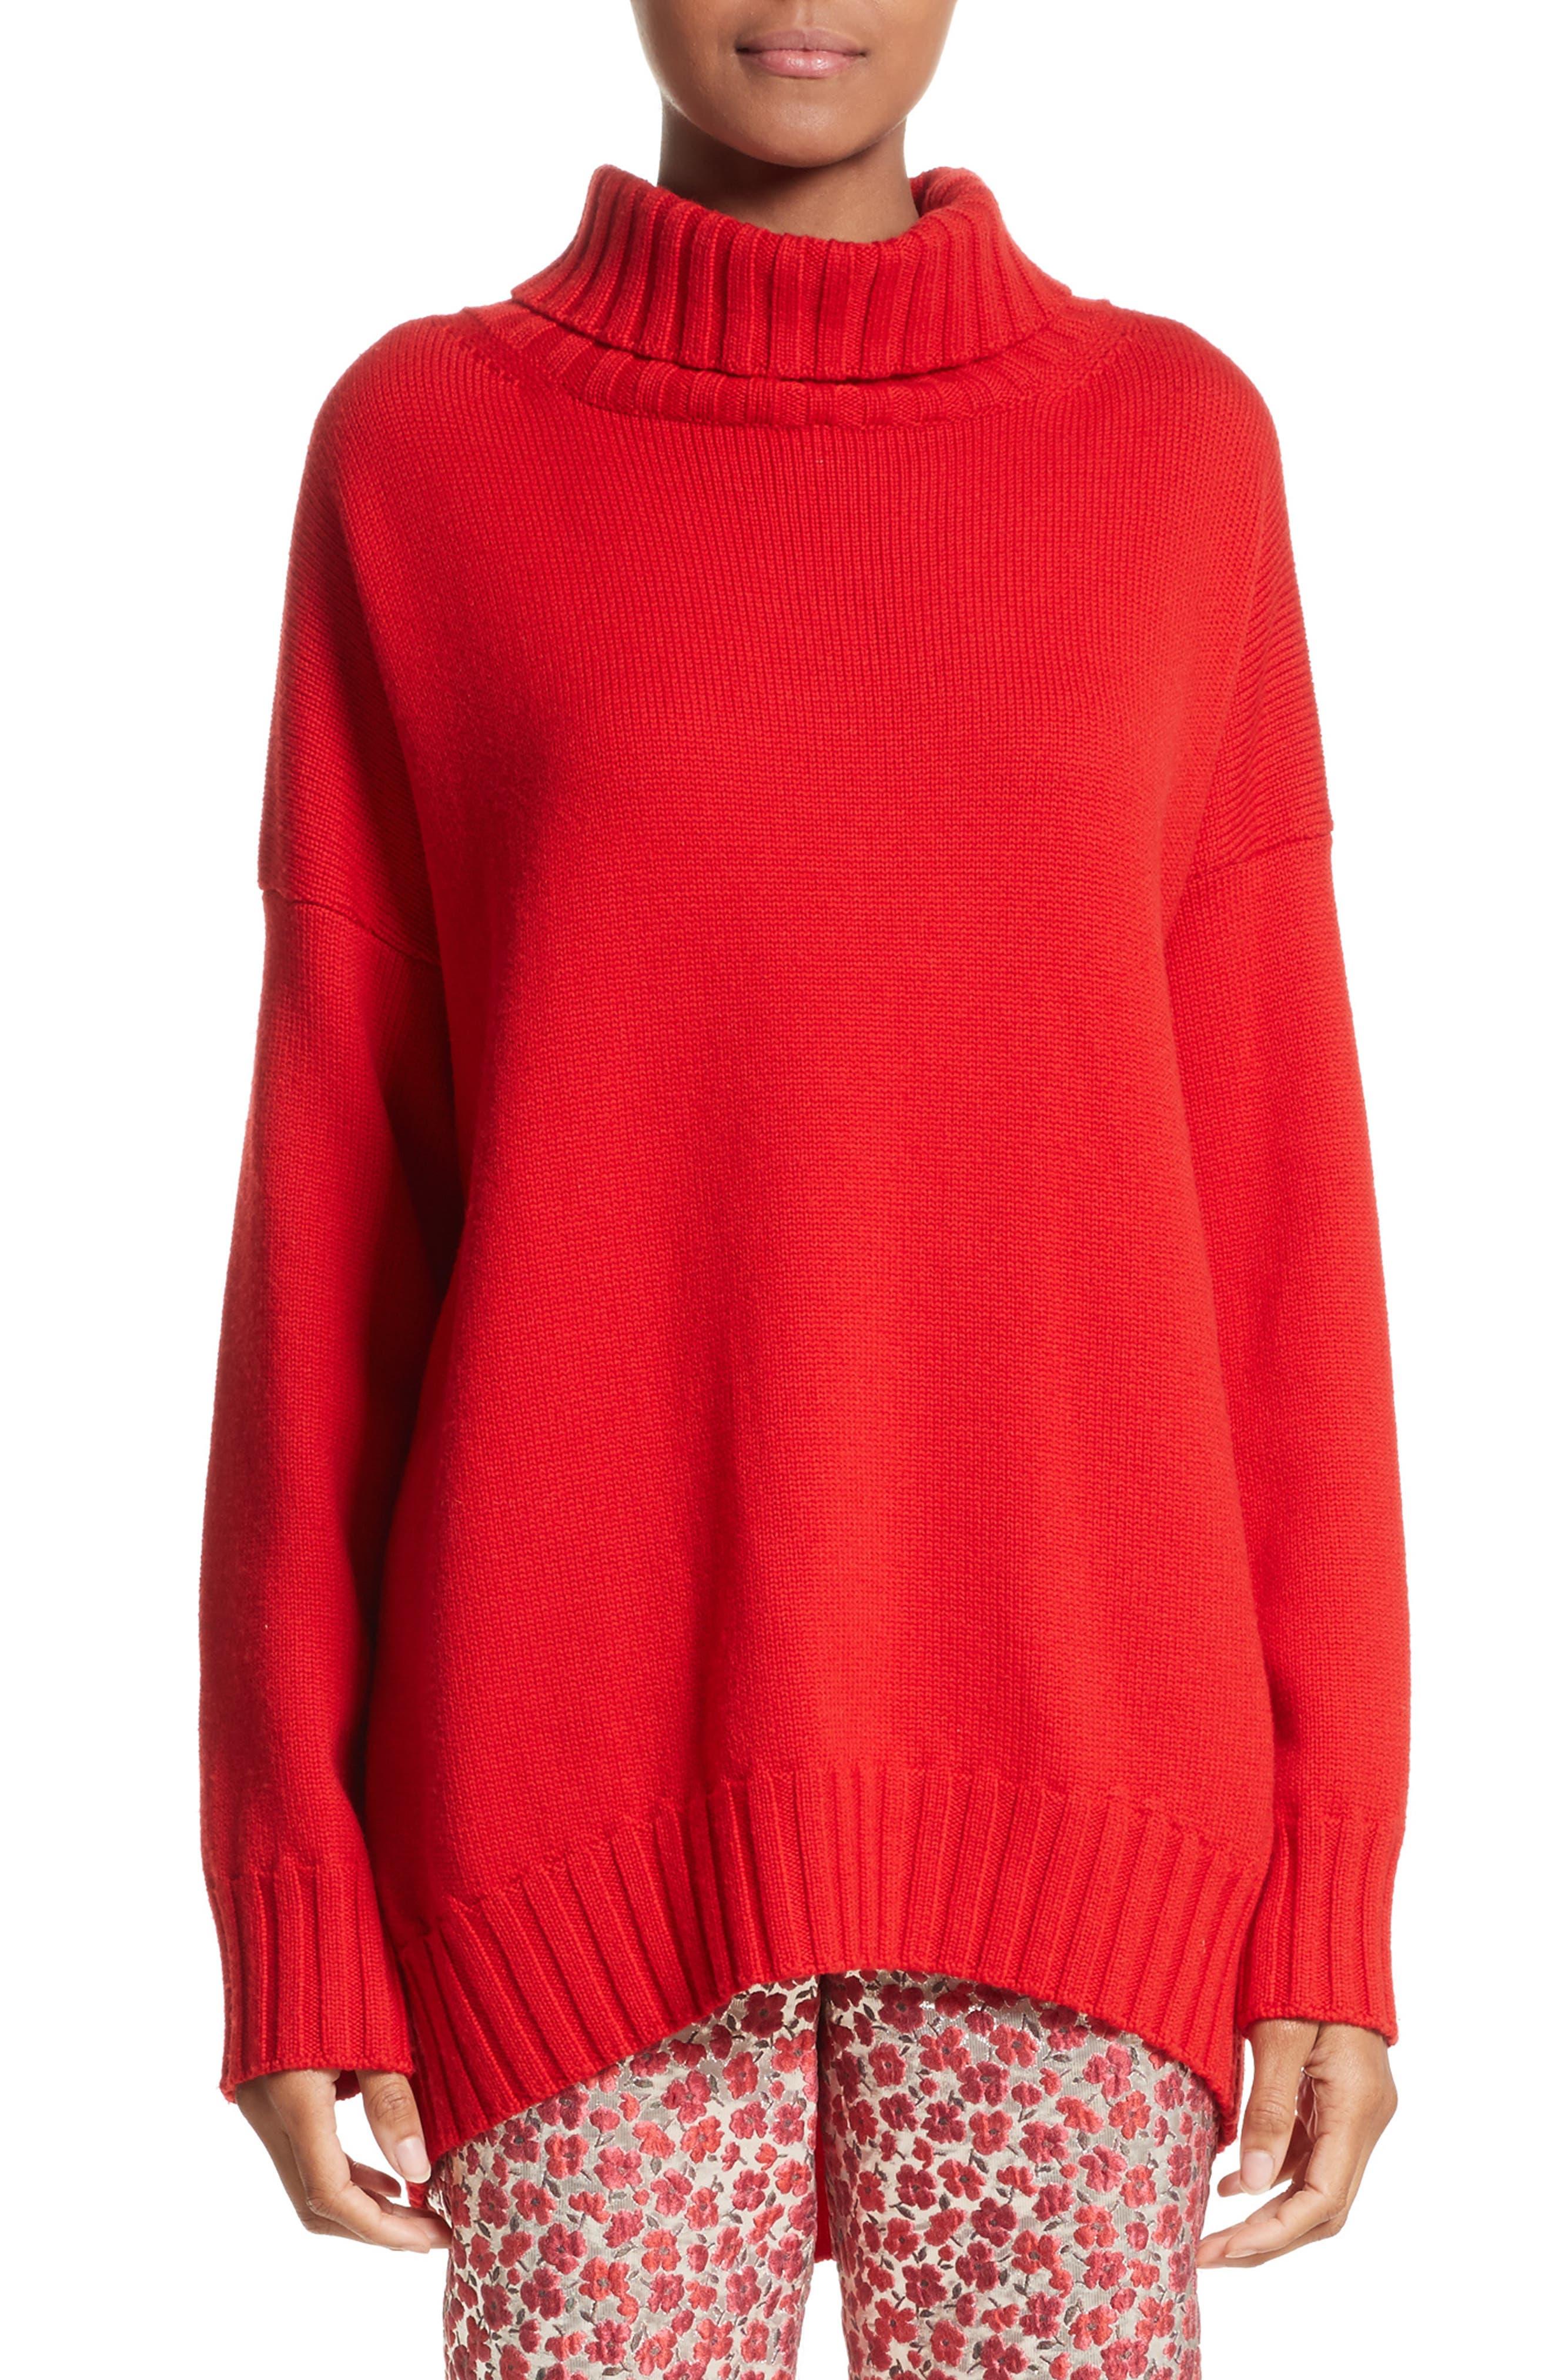 OSCAR DE LA RENTA Virgin Wool Turtleneck Sweater